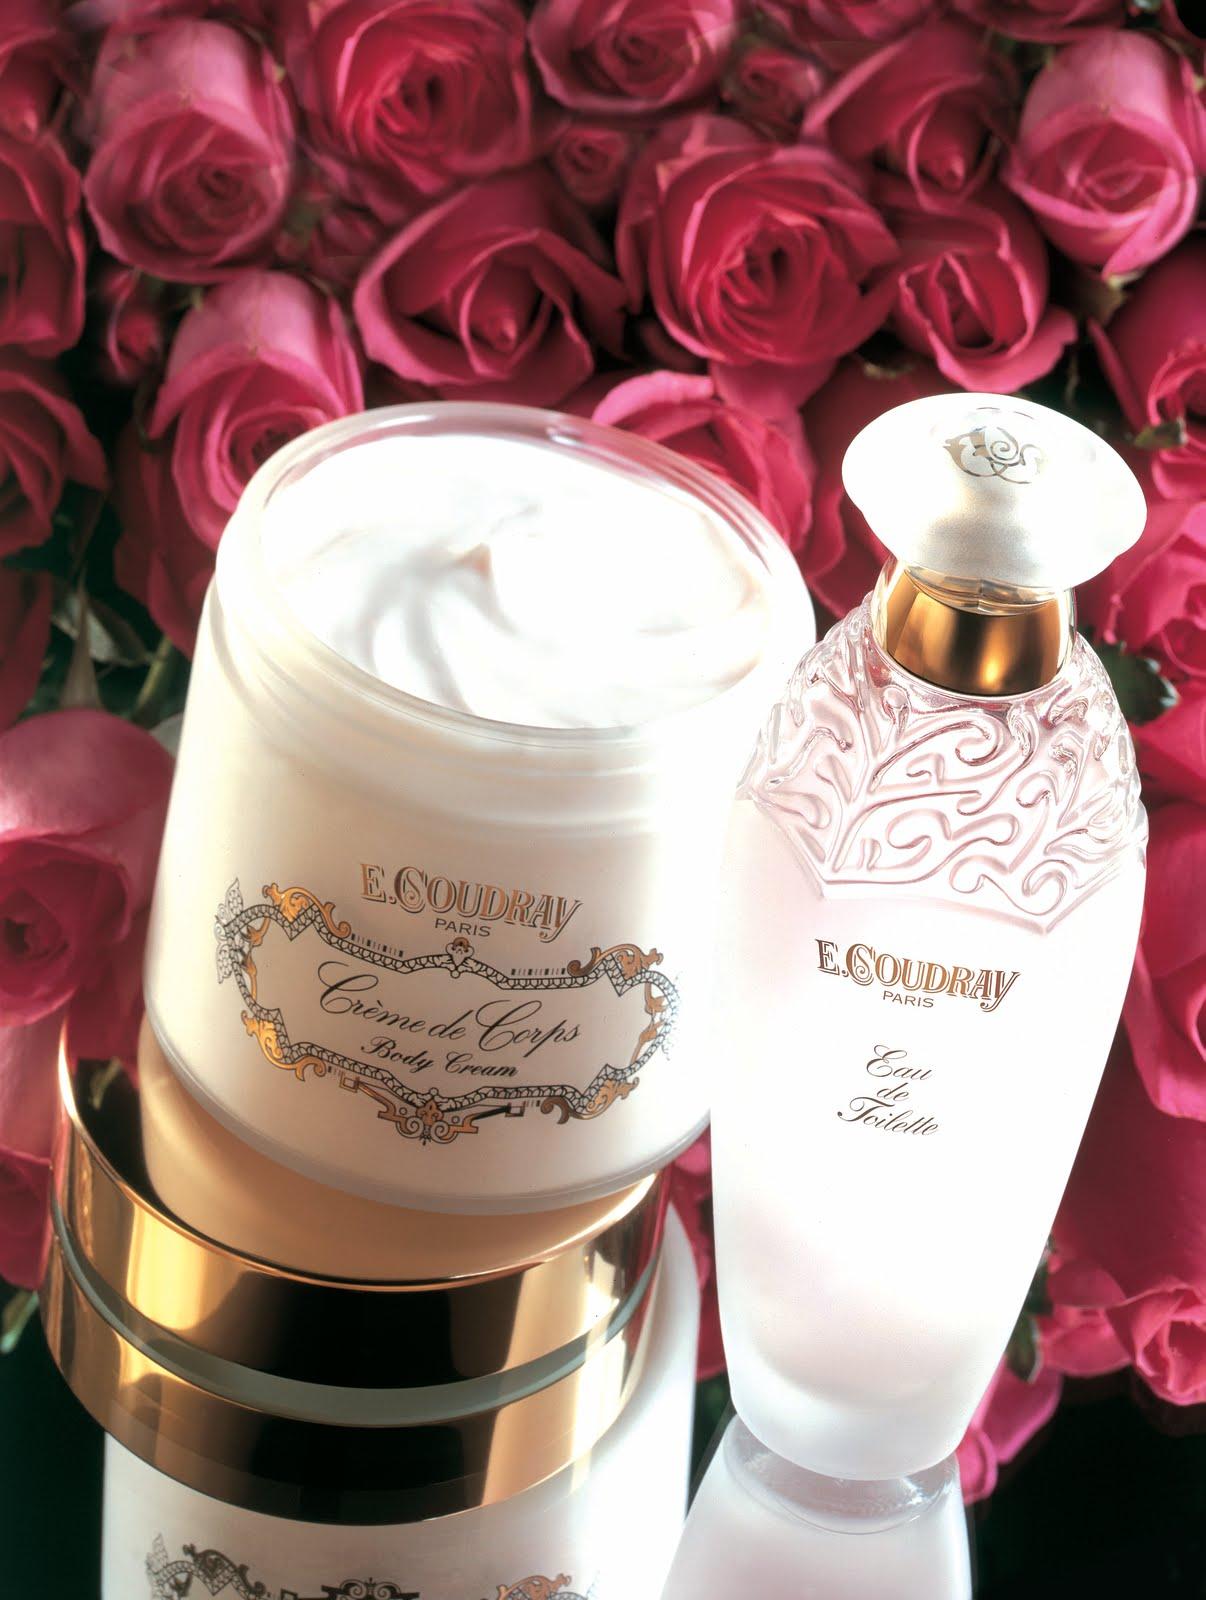 Ароматы coudray: уникальность по-французски :: onbeauty.ru :: красота, здоровье, фитнес. парфюмерия.